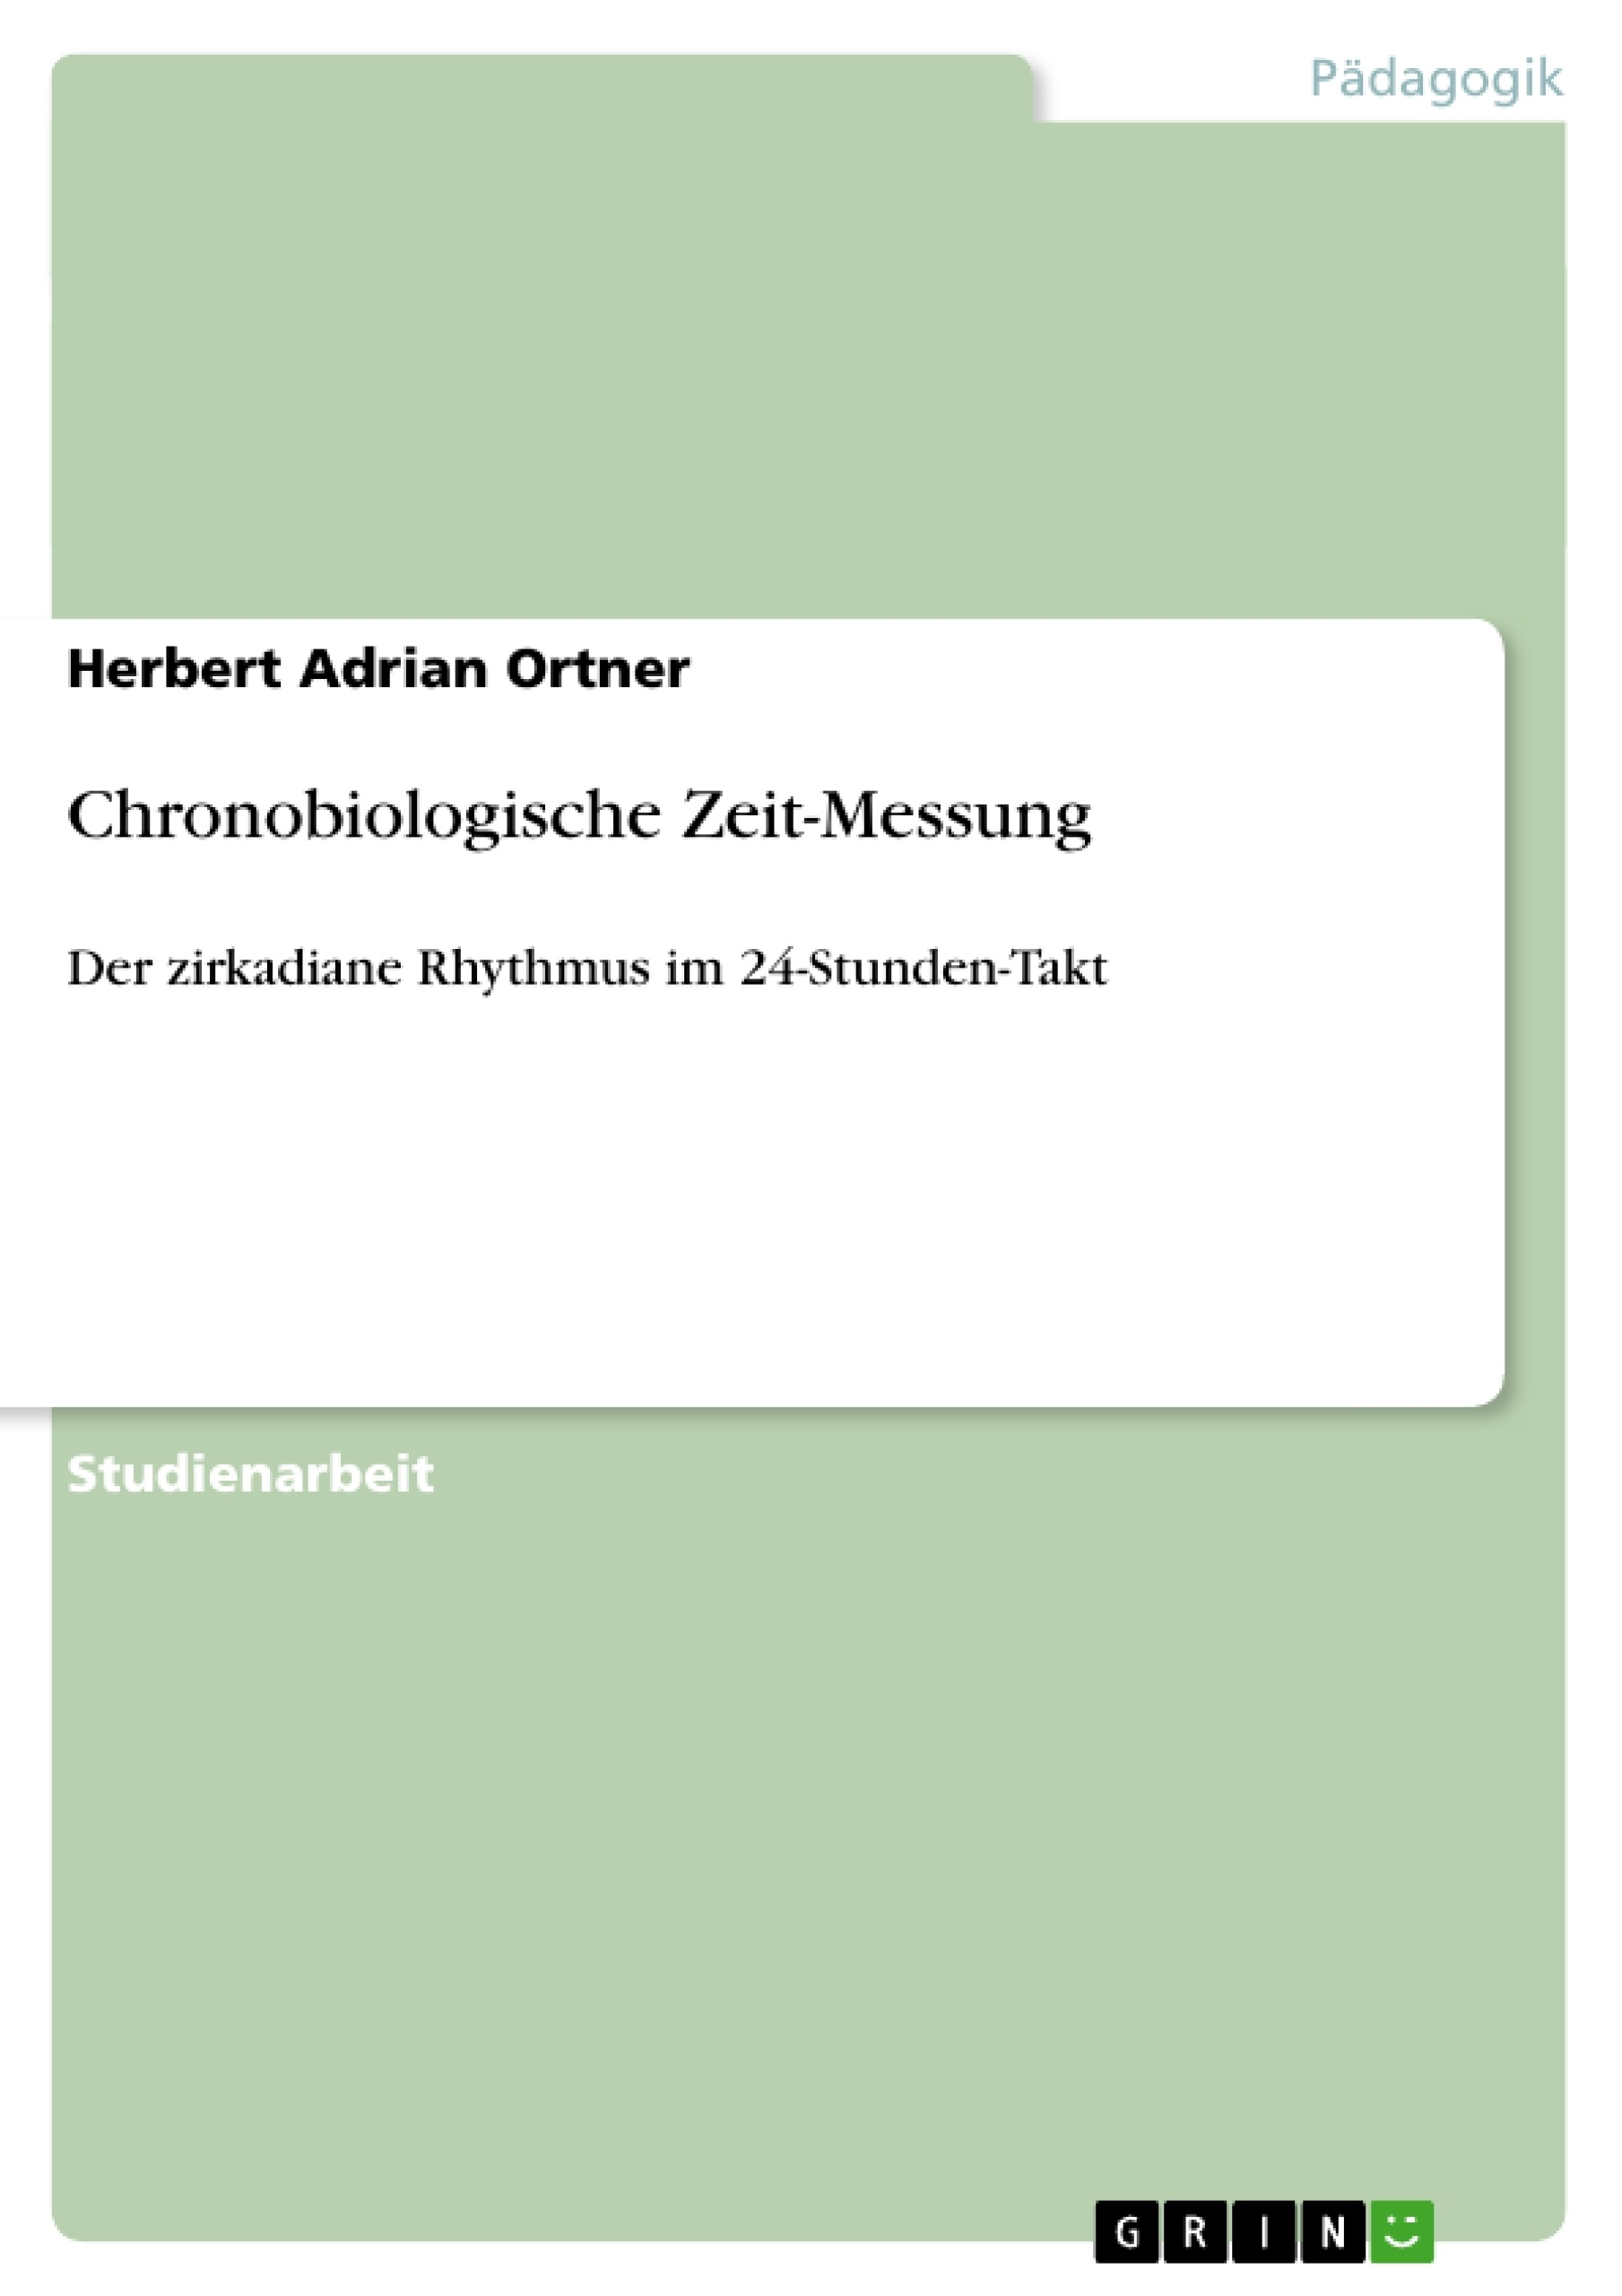 Titel: Chronobiologische Zeit-Messung